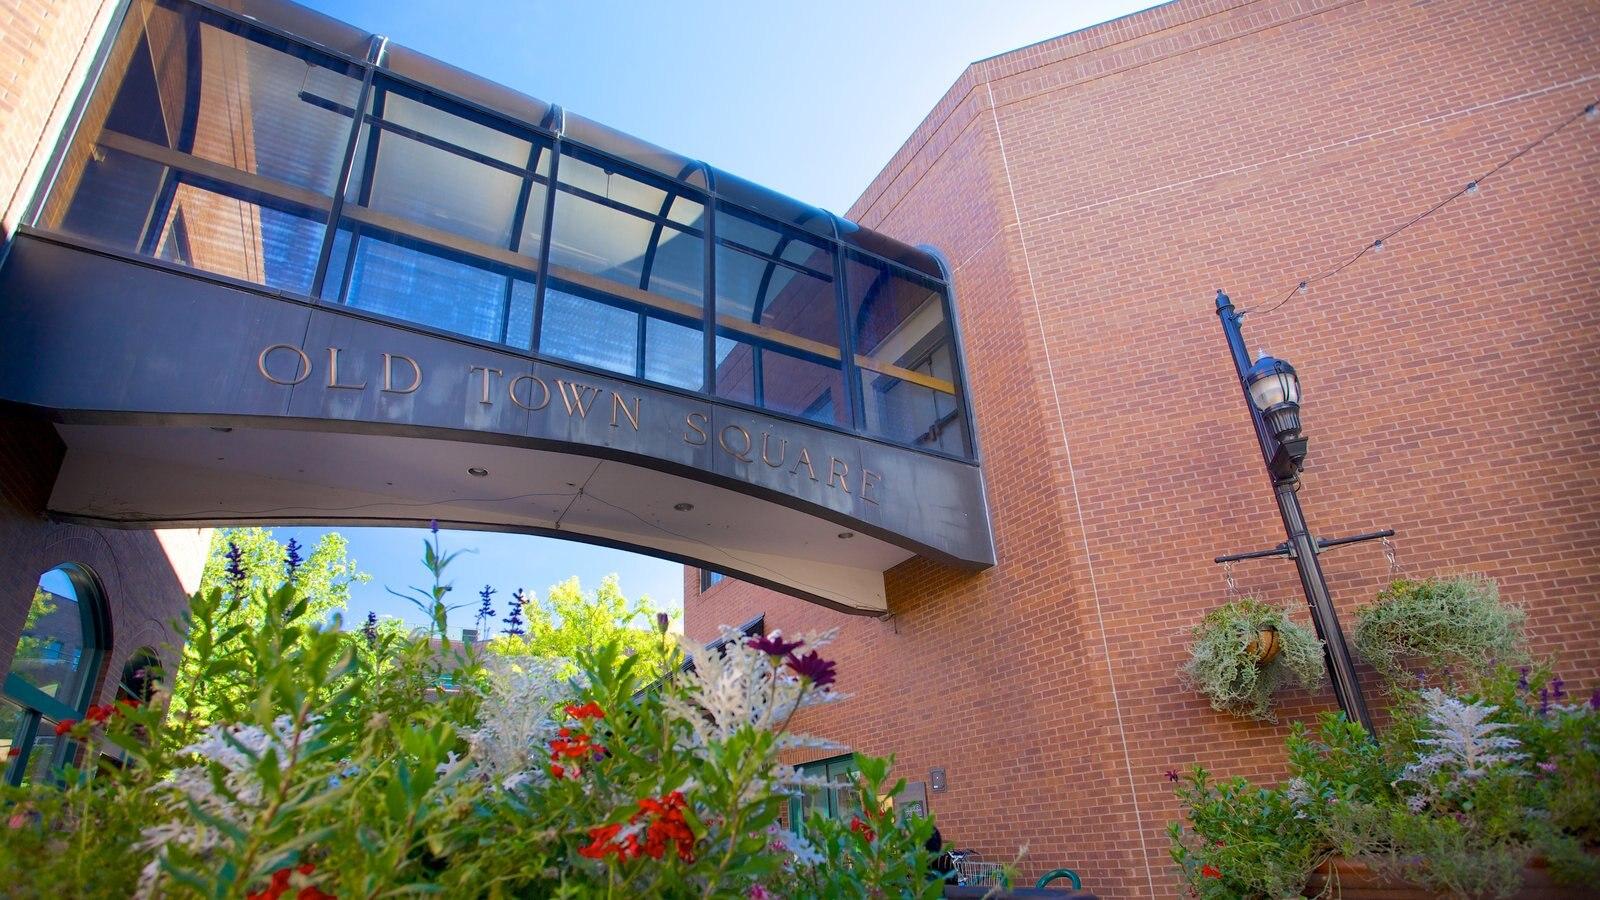 Fort Collins que inclui um jardim, sinalização e uma ponte